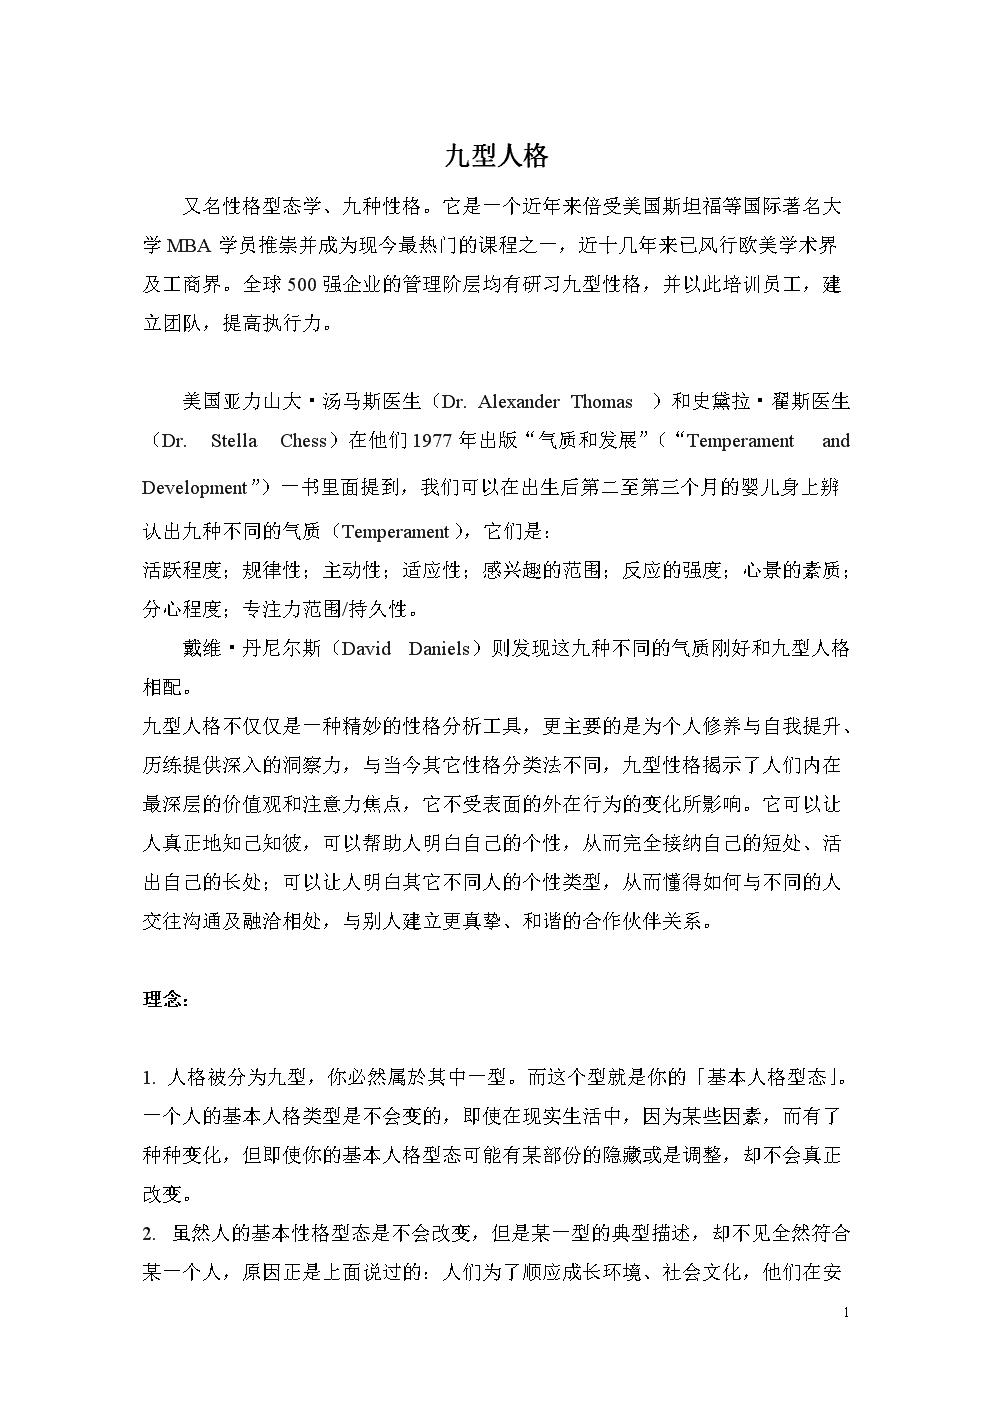 九型人格测试及适合职业( 两套题 ).doc